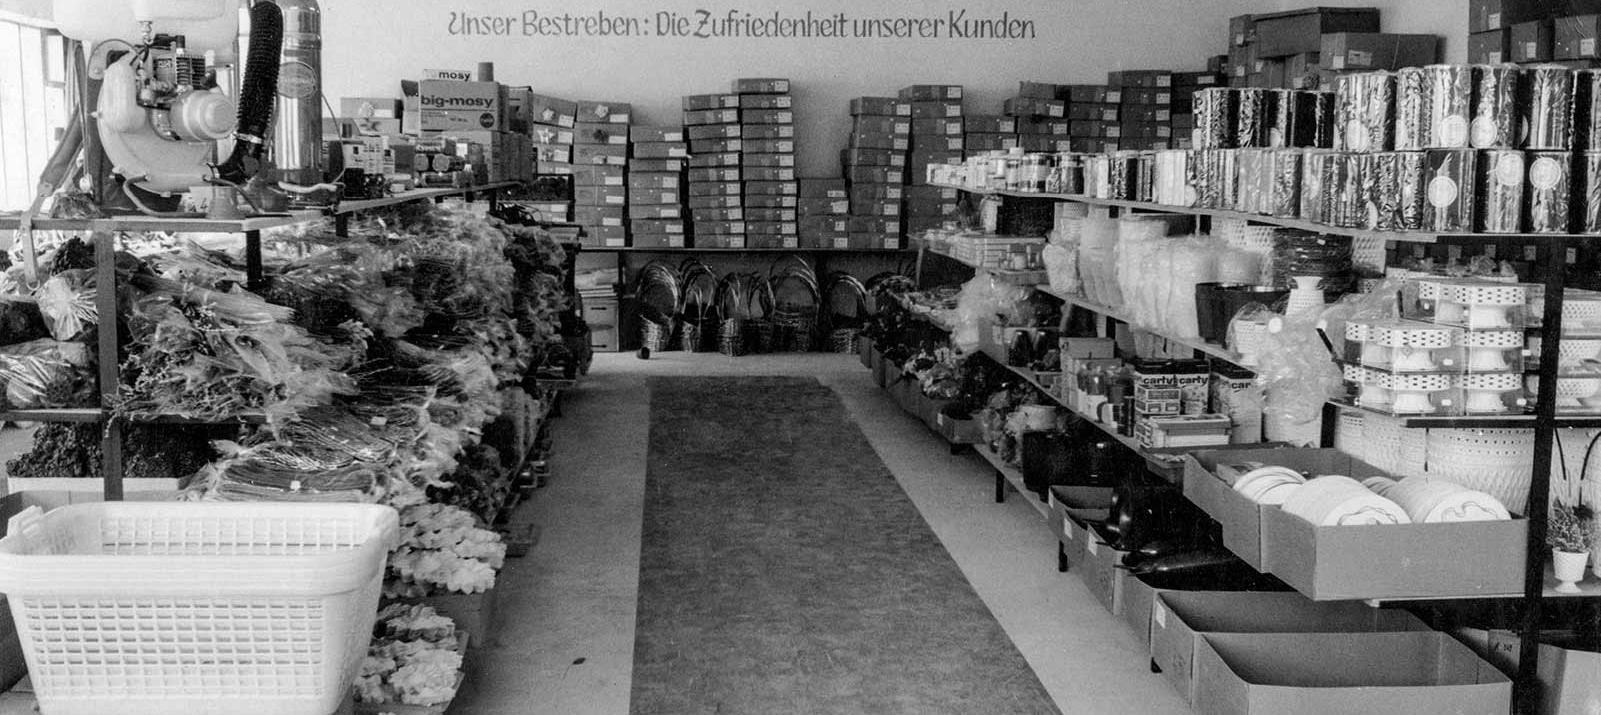 Unser Bestreben: Die Zufriedenheit unserer Kunden. Motto des Selbedienungsgroßhandels für Floristenbedarf Mathias Schmidt GmbH in Triftern. Foto von 1968.